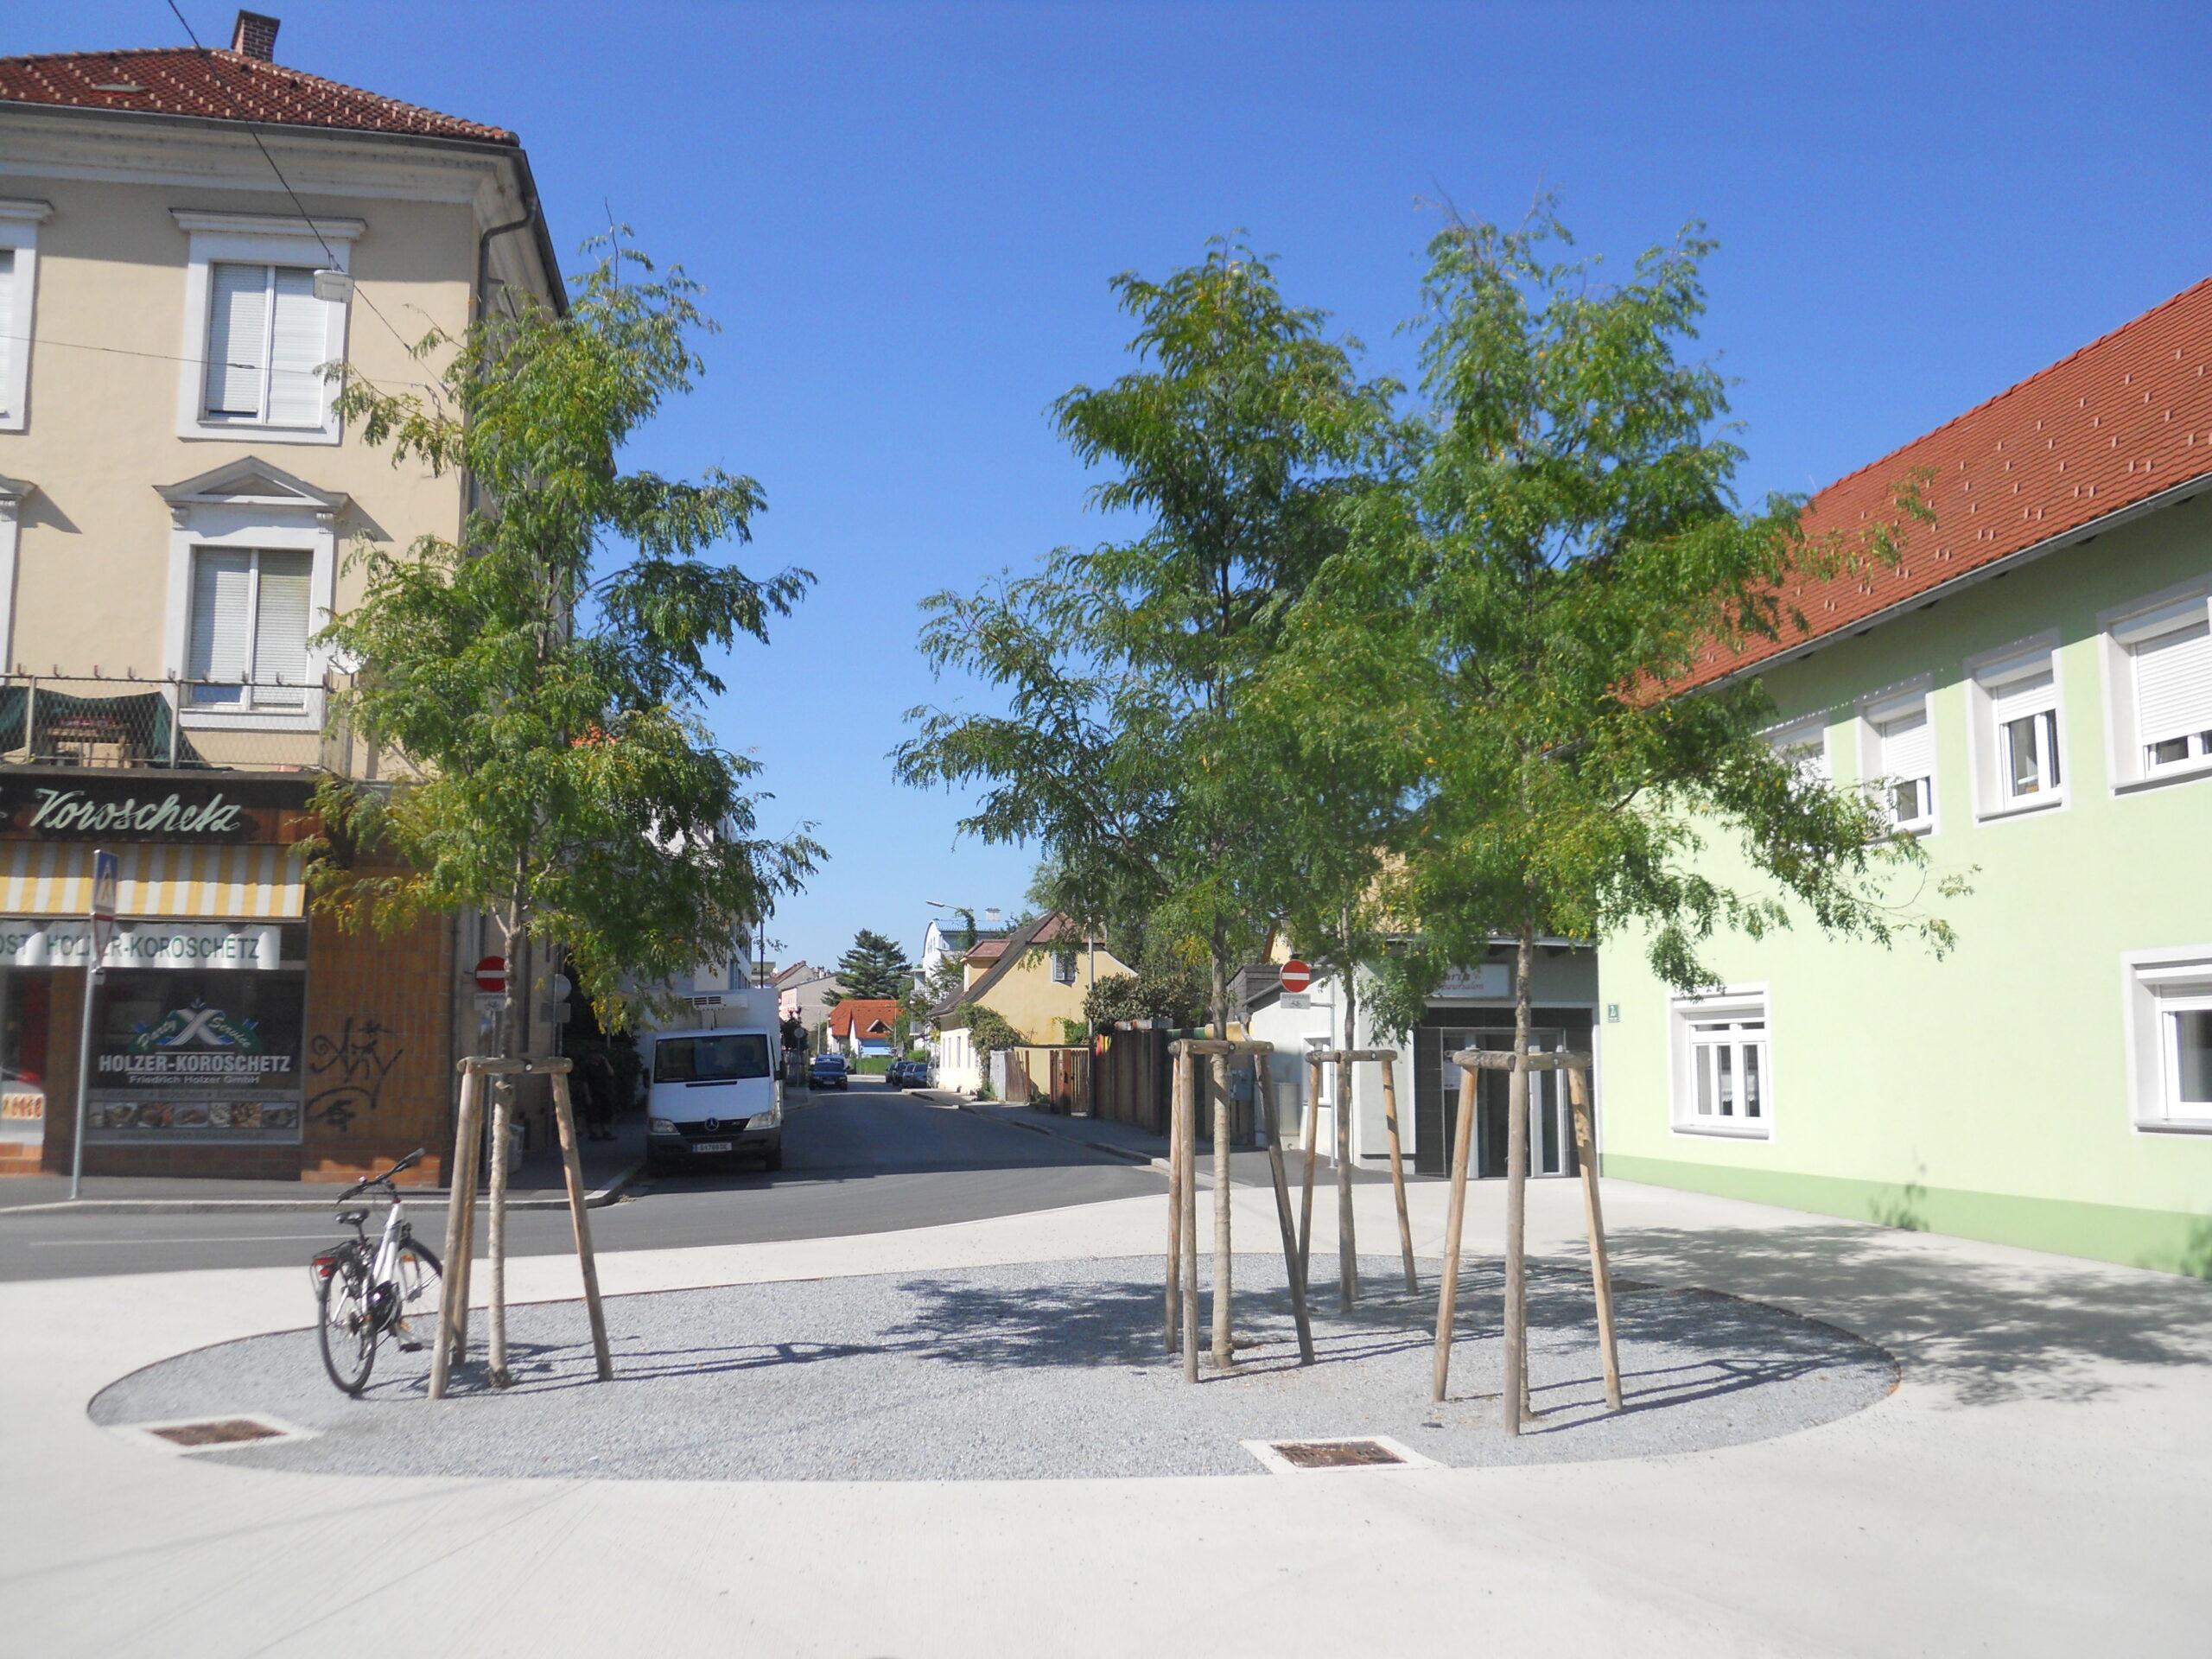 Gleditschien am Vorplatz vor dem Grazer Lendhotel (c)Tomas Stoisser